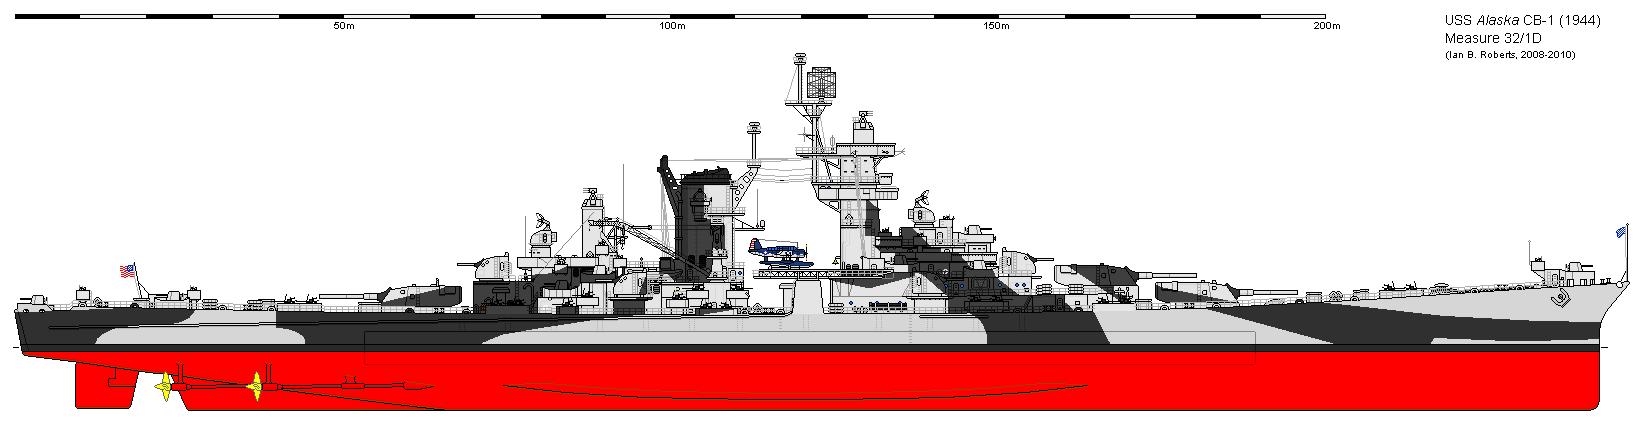 image of Uss Alaska Vs Scharnhorst 01